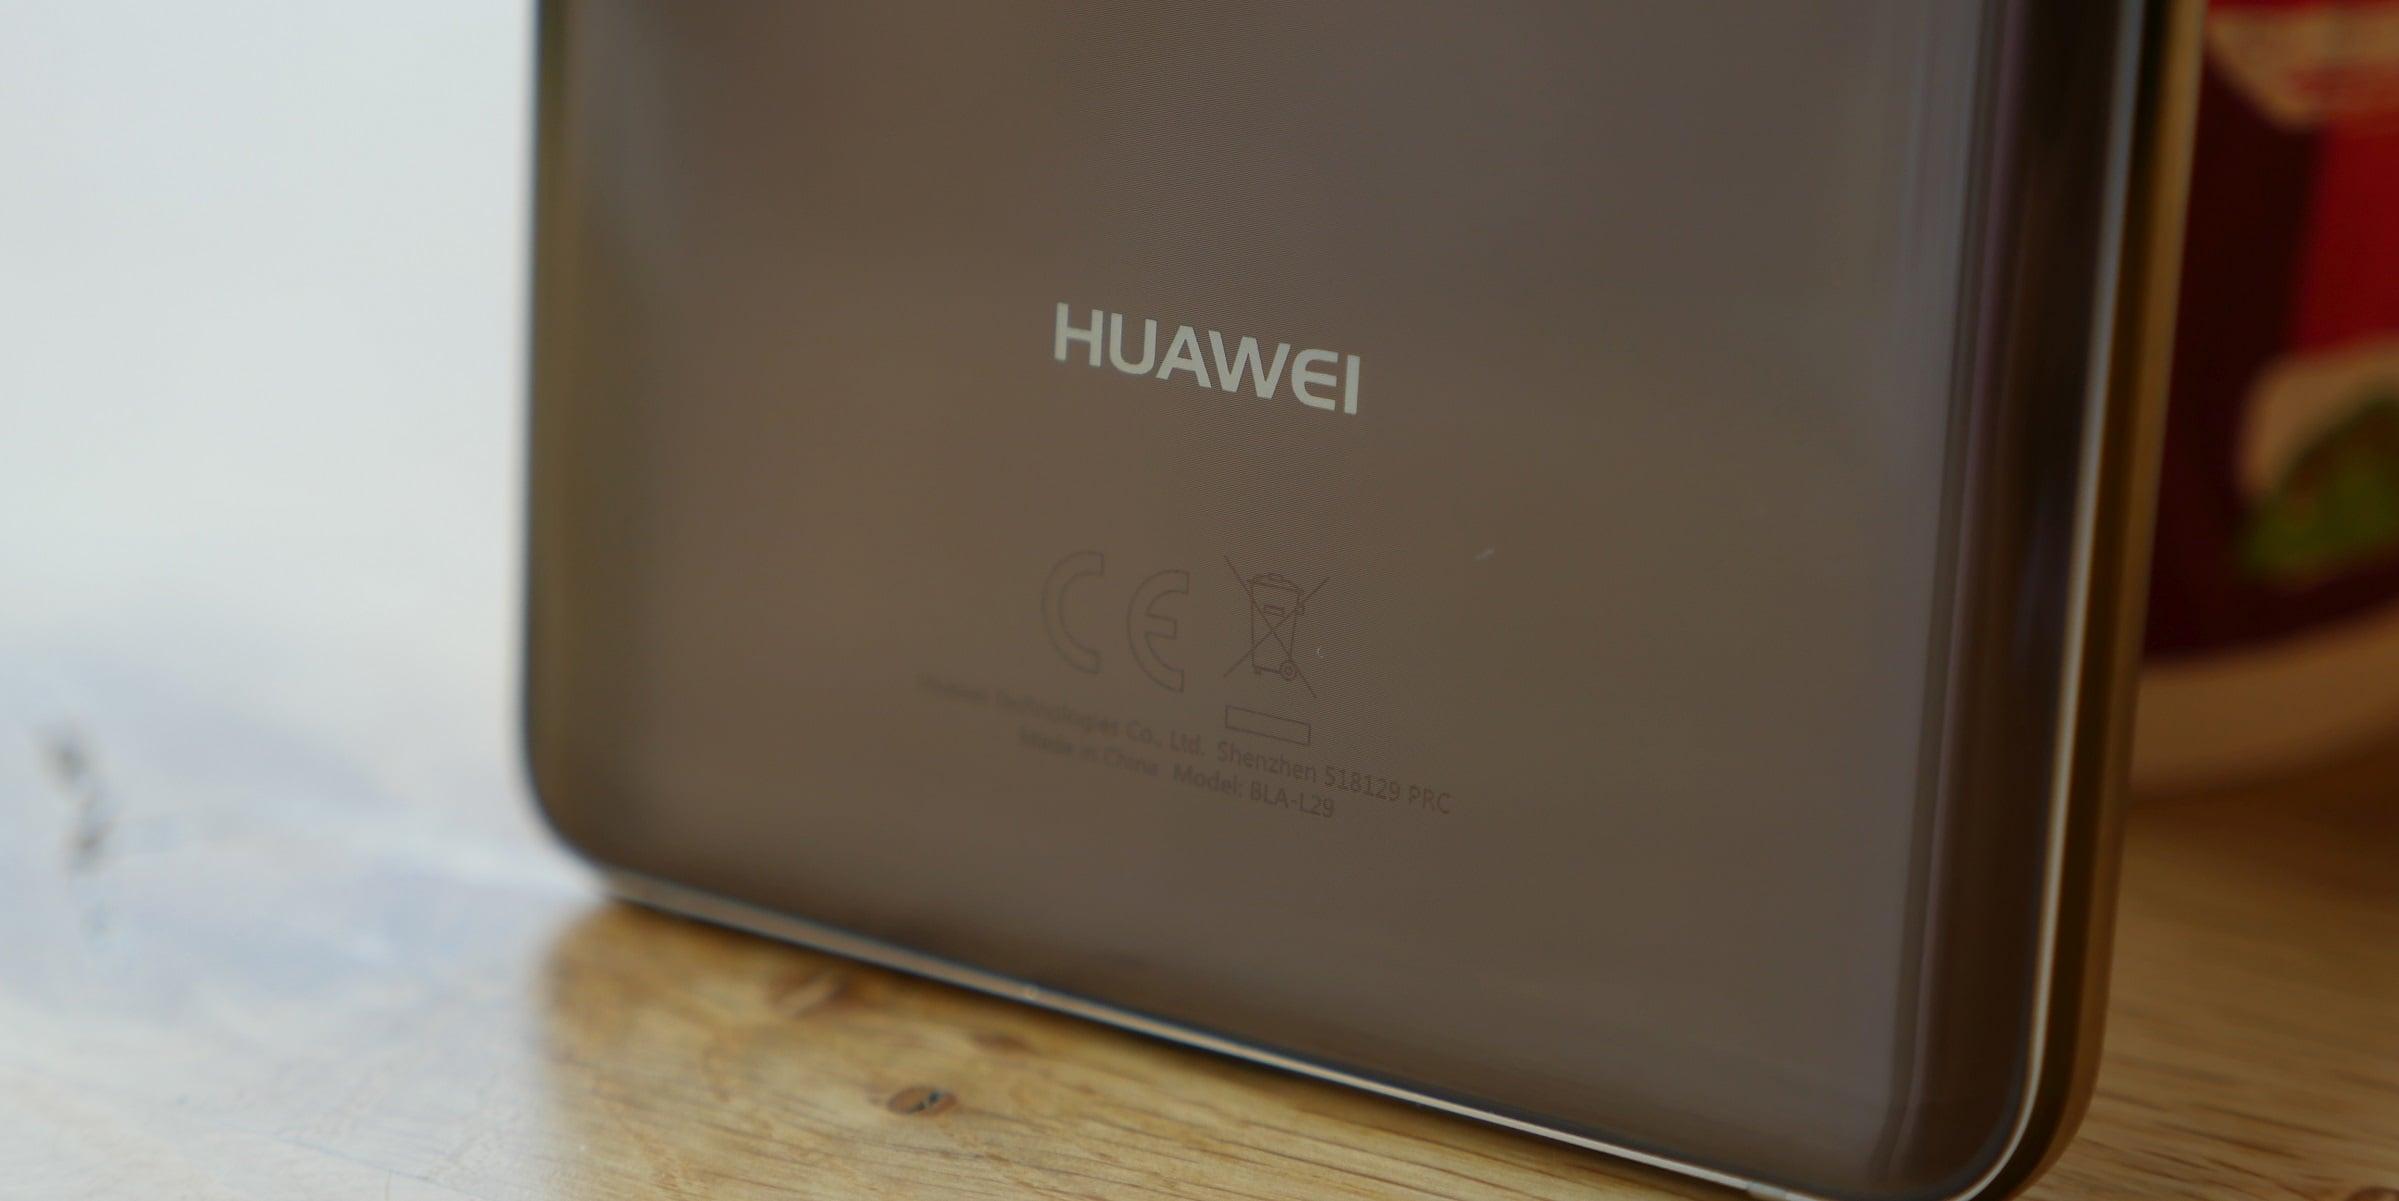 Tabletowo.pl Huawei chce wyprzedzić Samsunga, dlatego zaprezentuje składalny smartfon już w listopadzie Android Huawei Plotki / Przecieki Smartfony